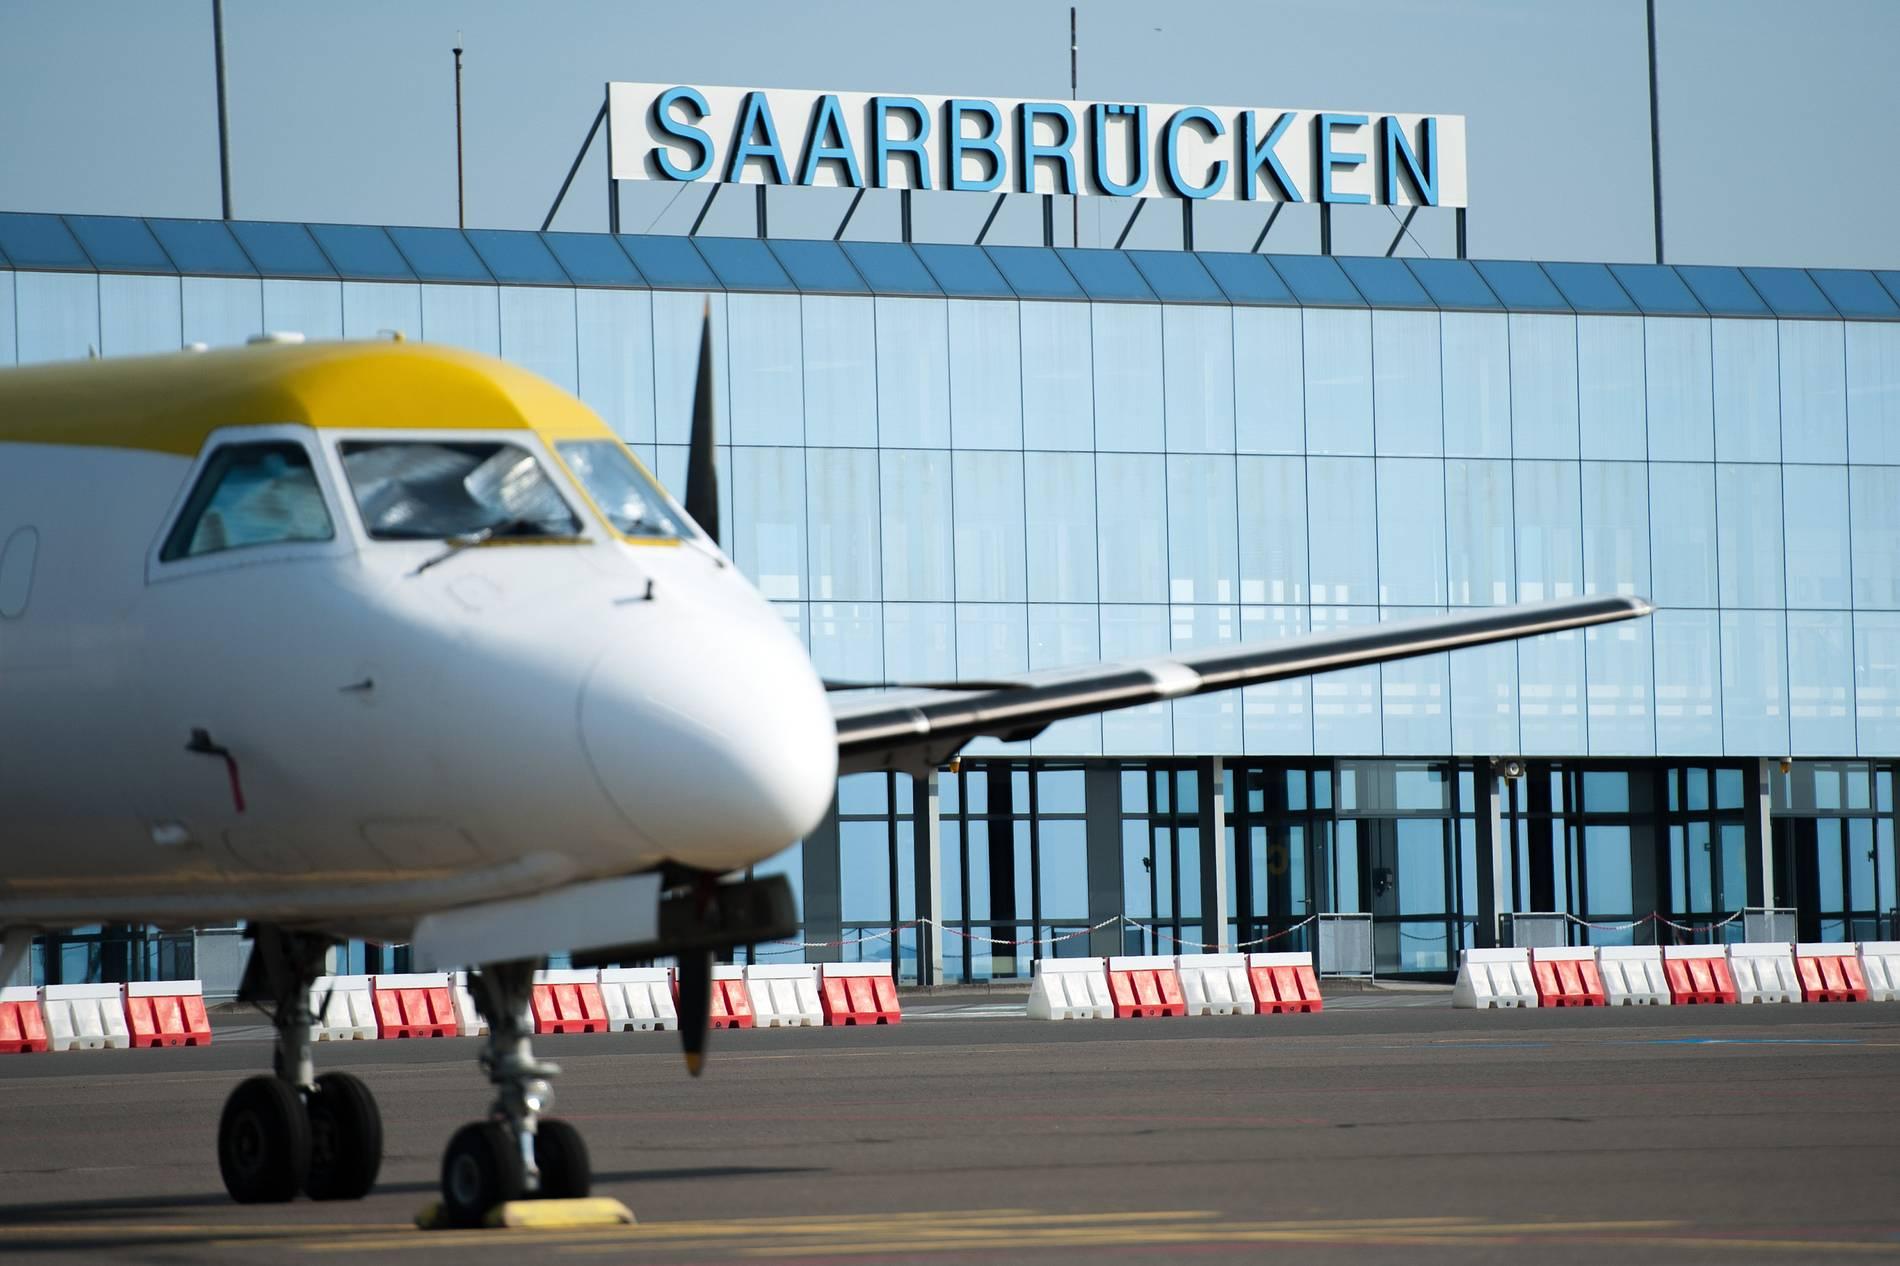 Flug Von Saarbrücken Nach München